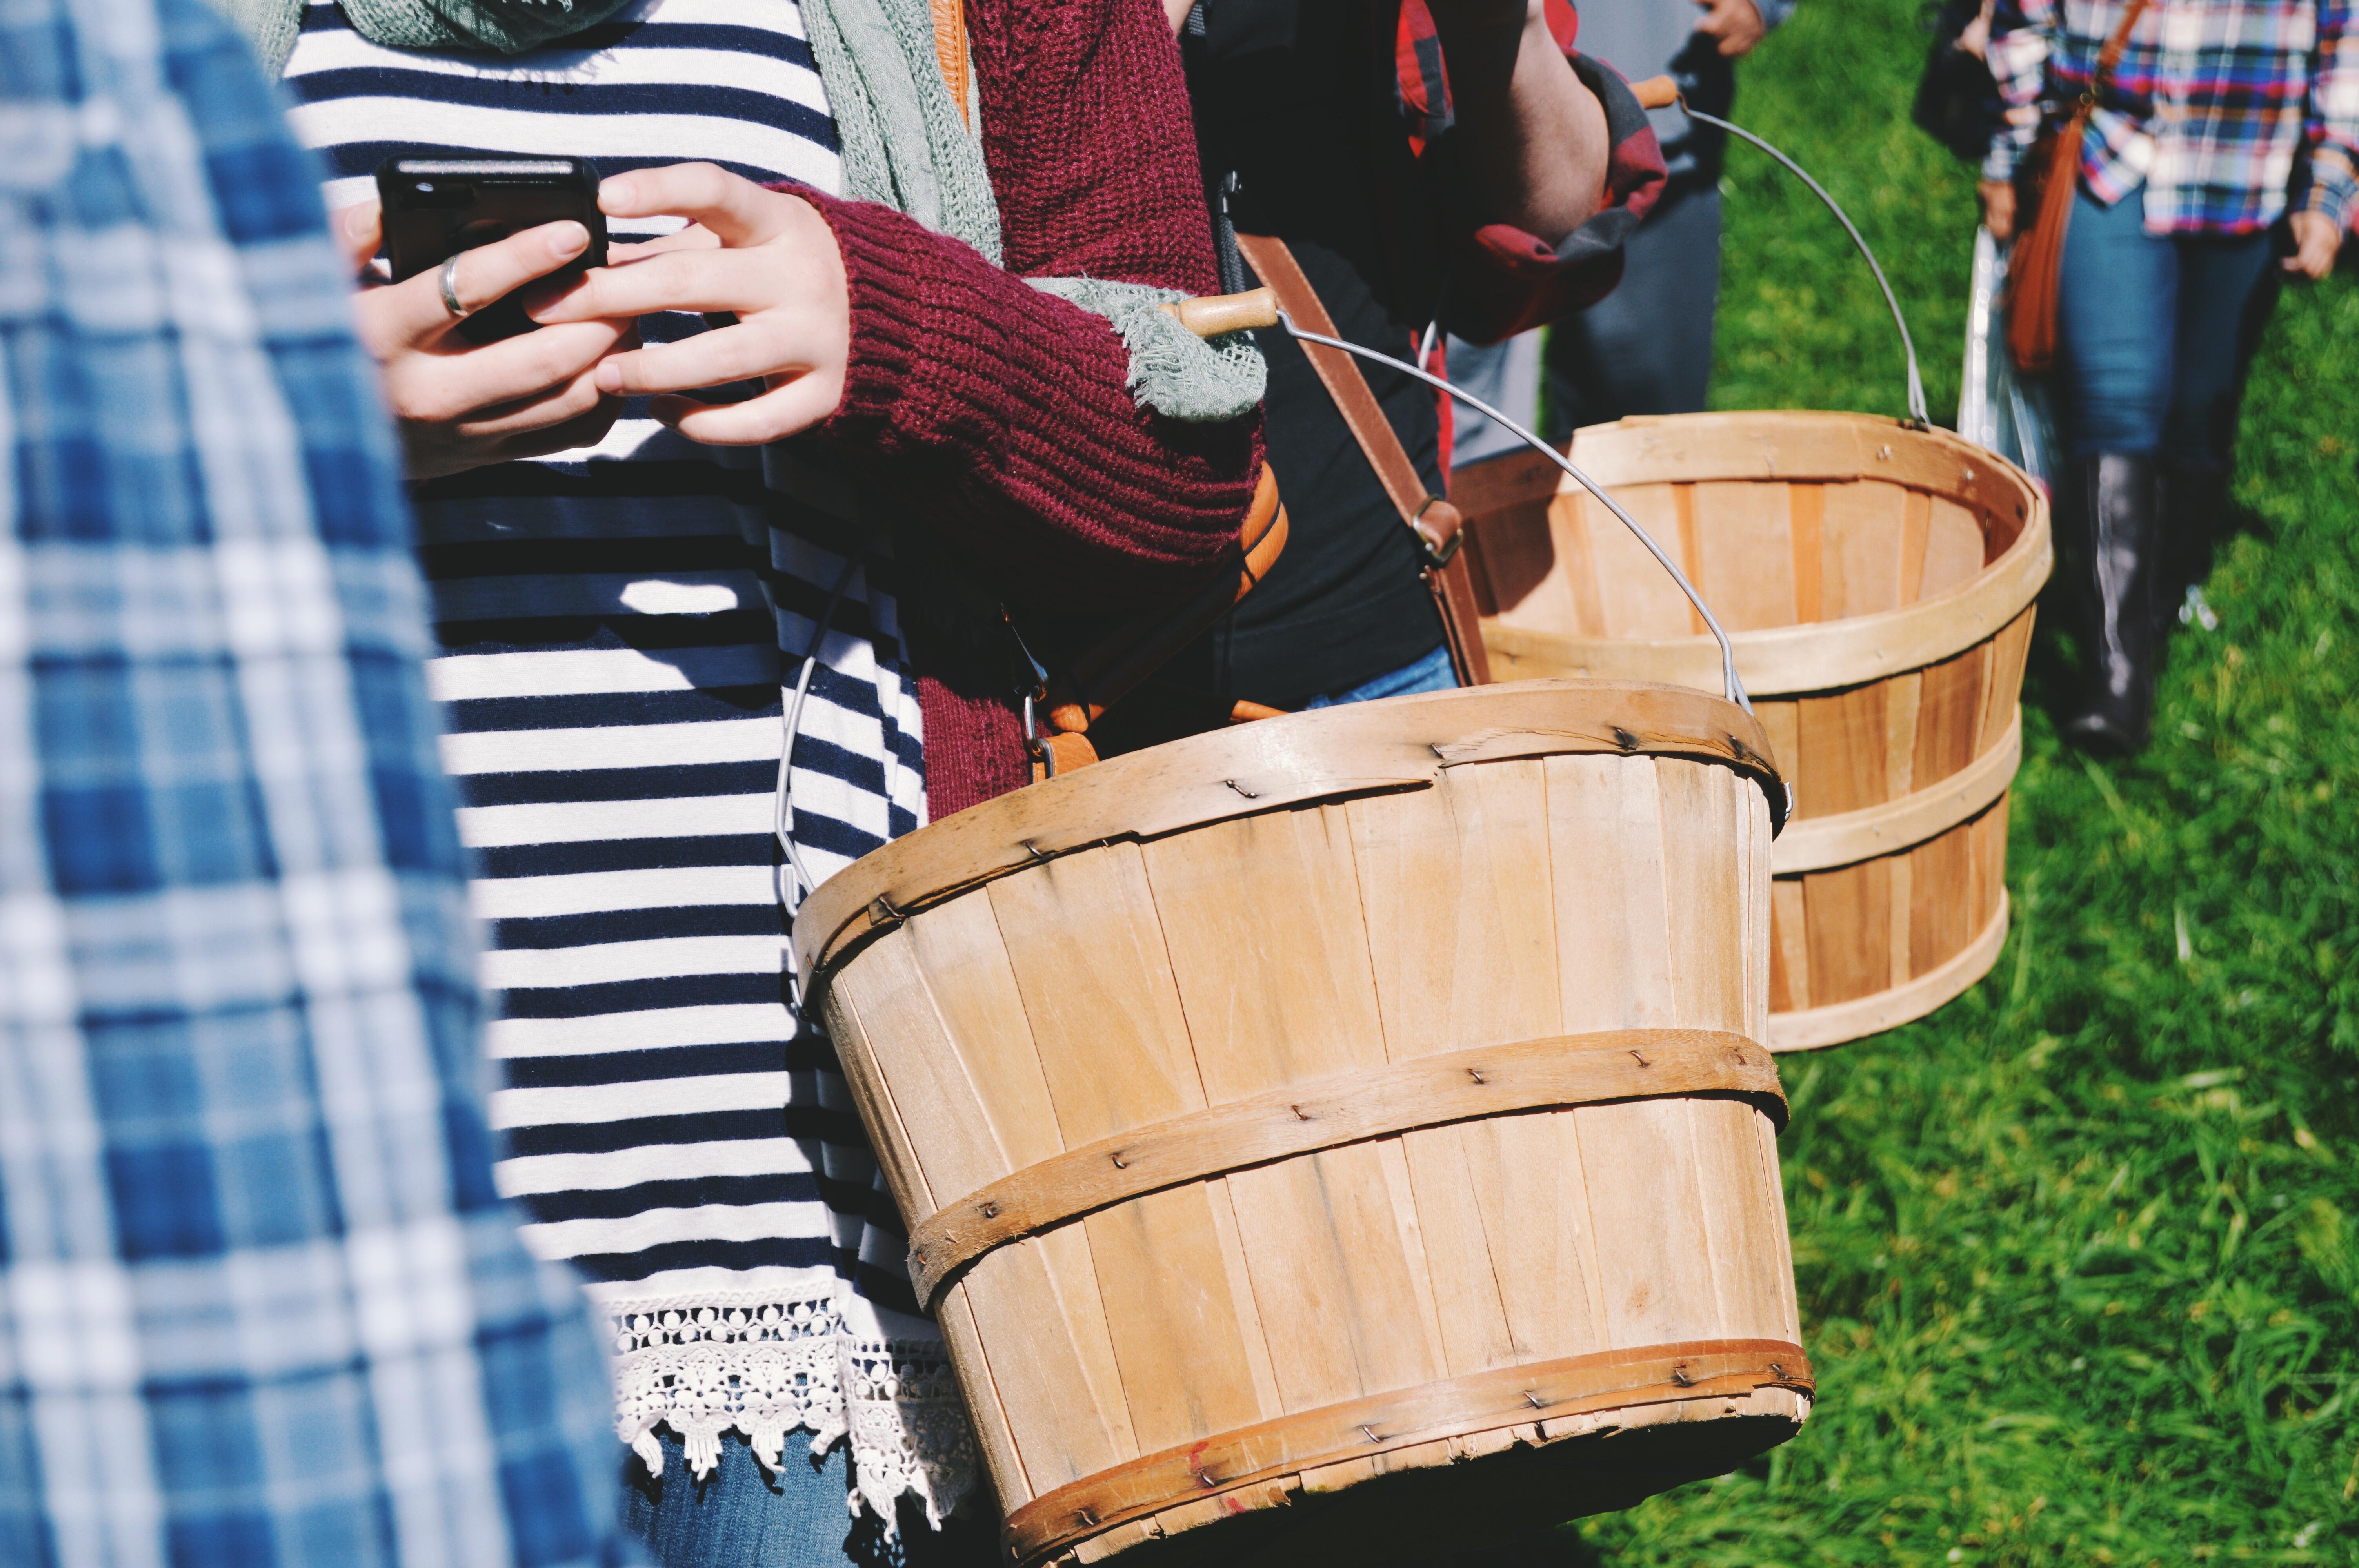 El-vino-en-el-smarphone El vino en el smartphone mediante aplicaciones móviles